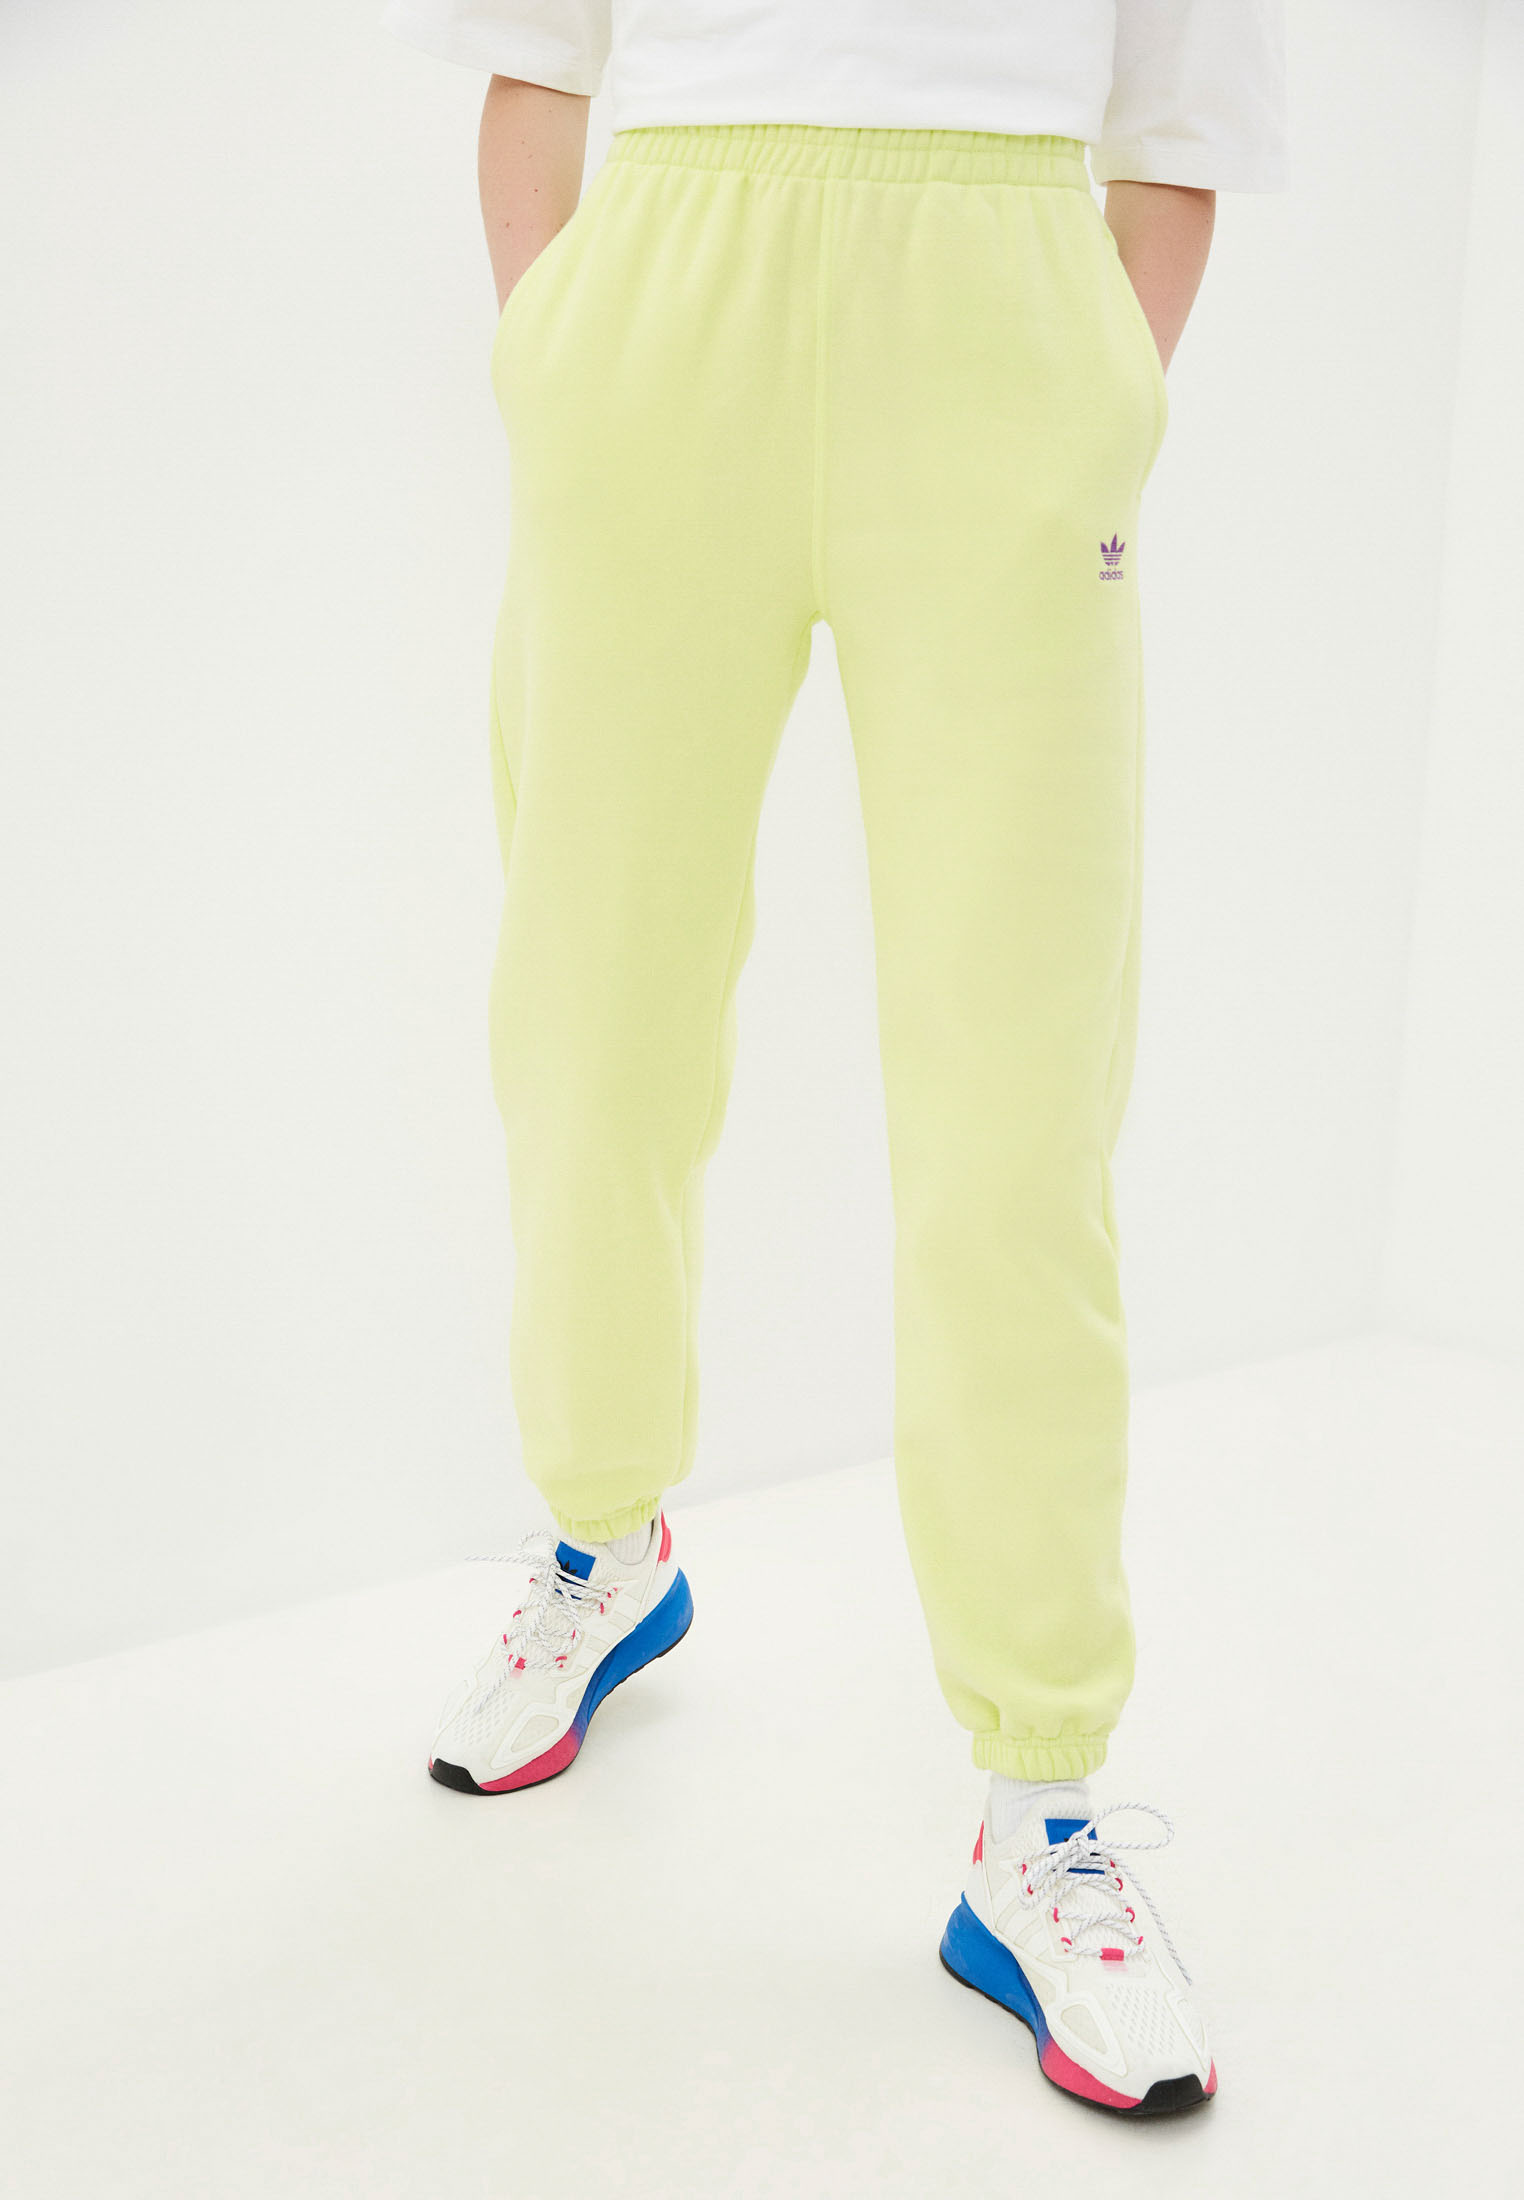 Женские брюки Adidas Originals (Адидас Ориджиналс) Брюки спортивные adidas Originals